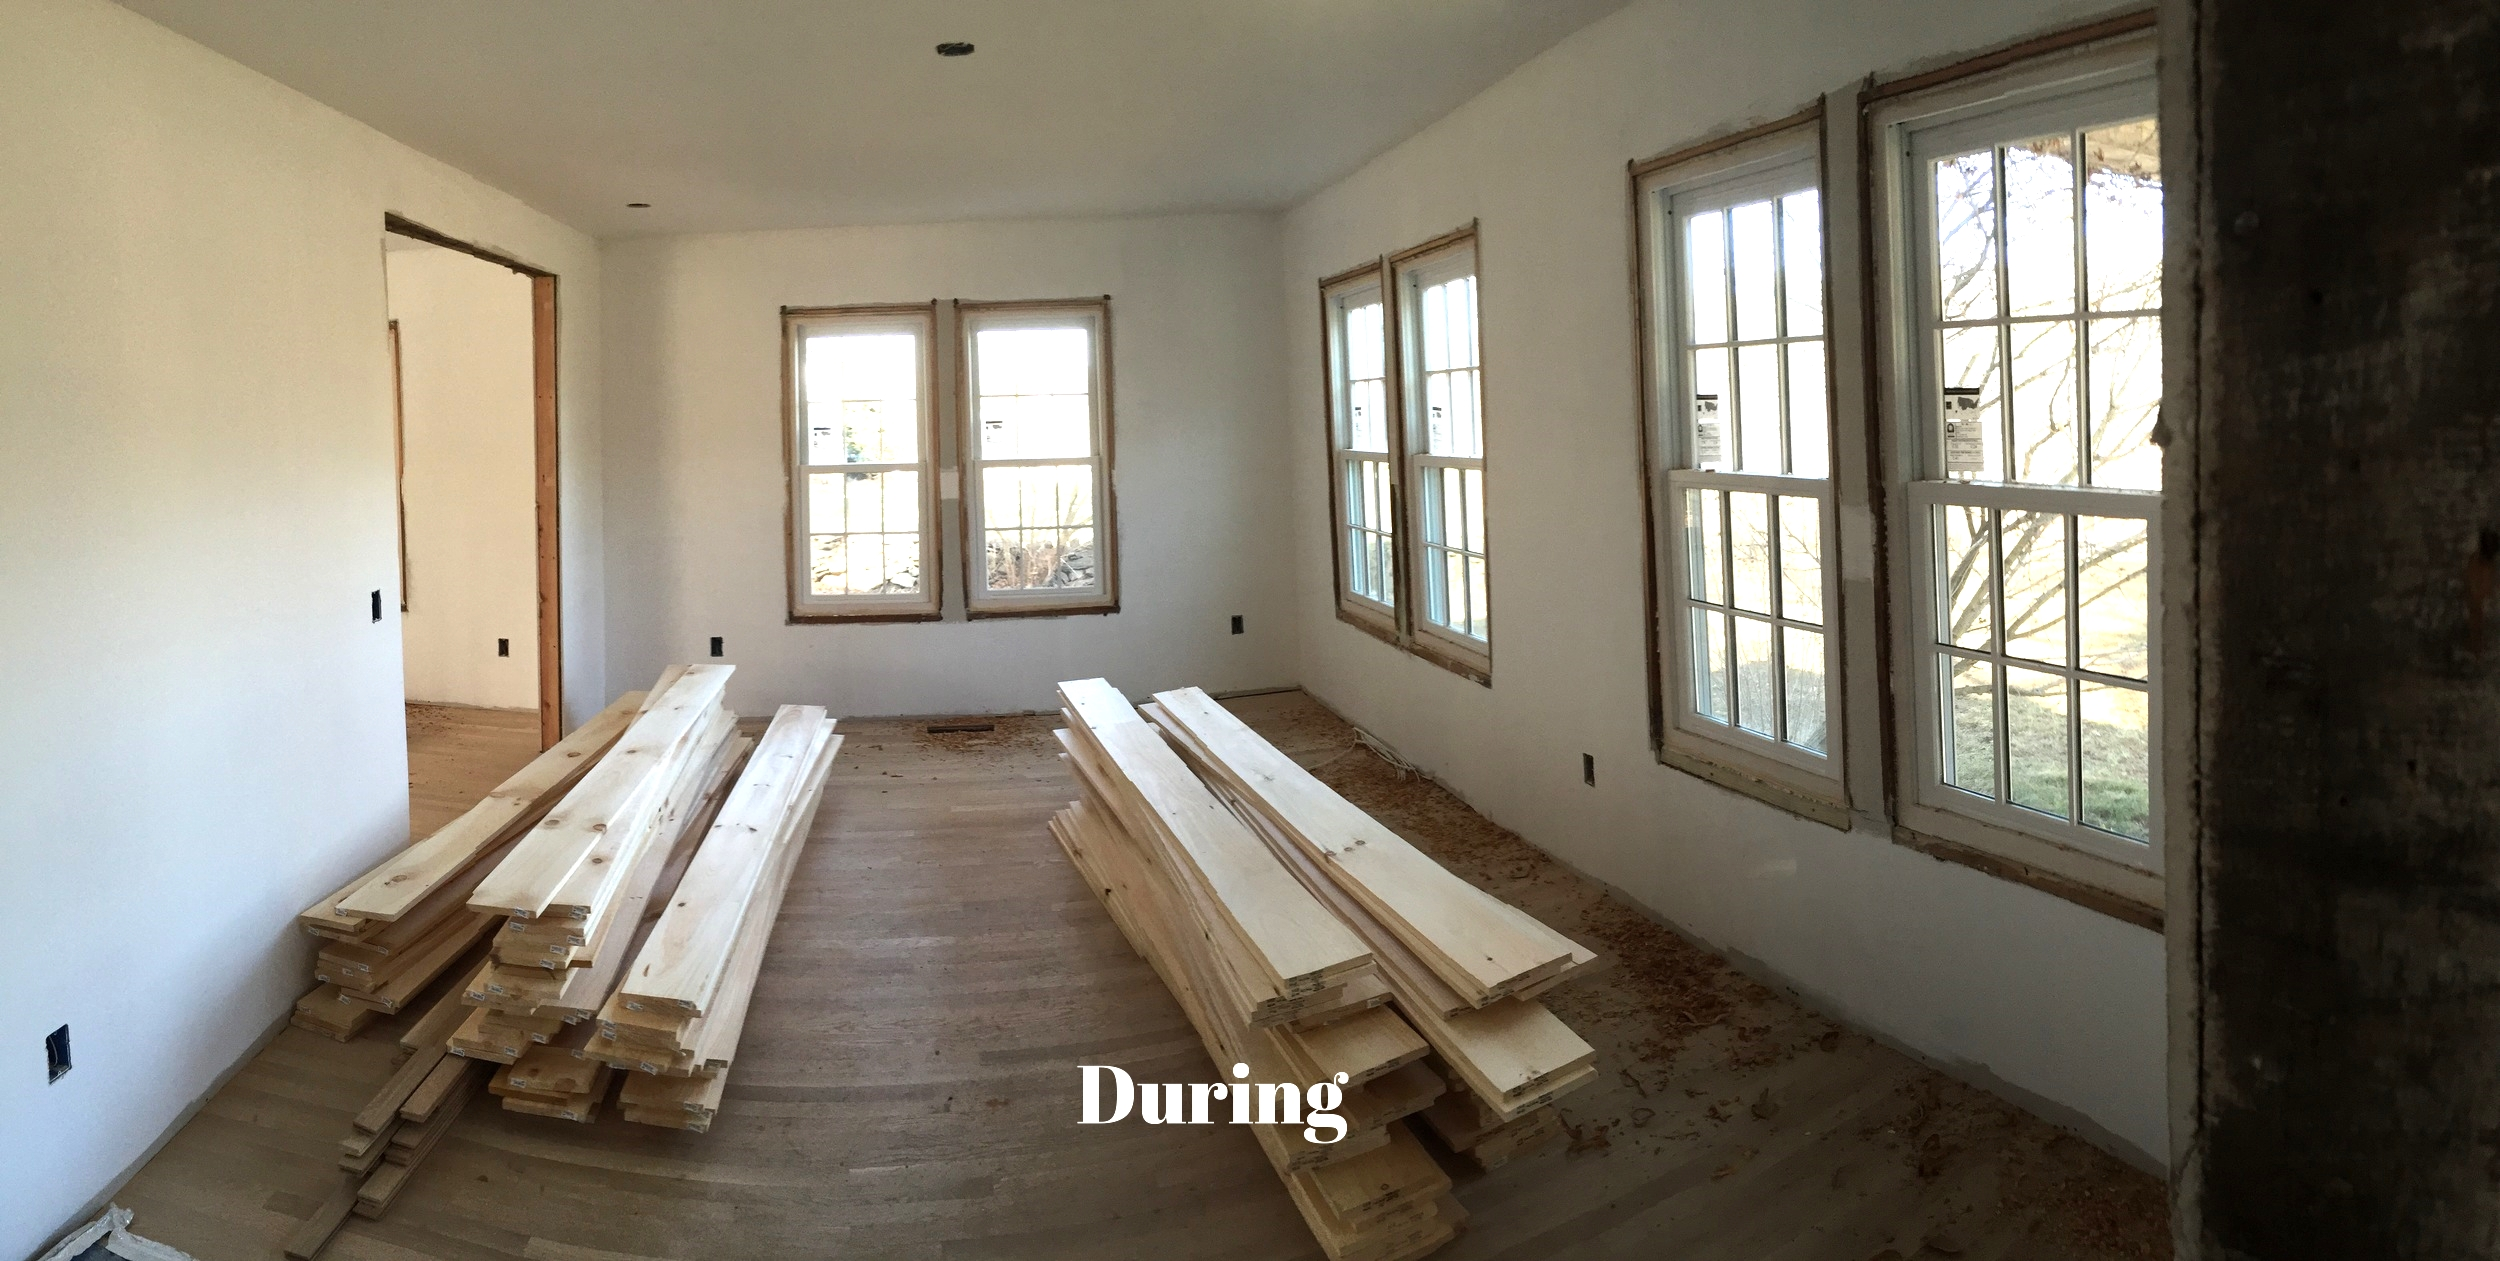 Living Room During 21.jpg